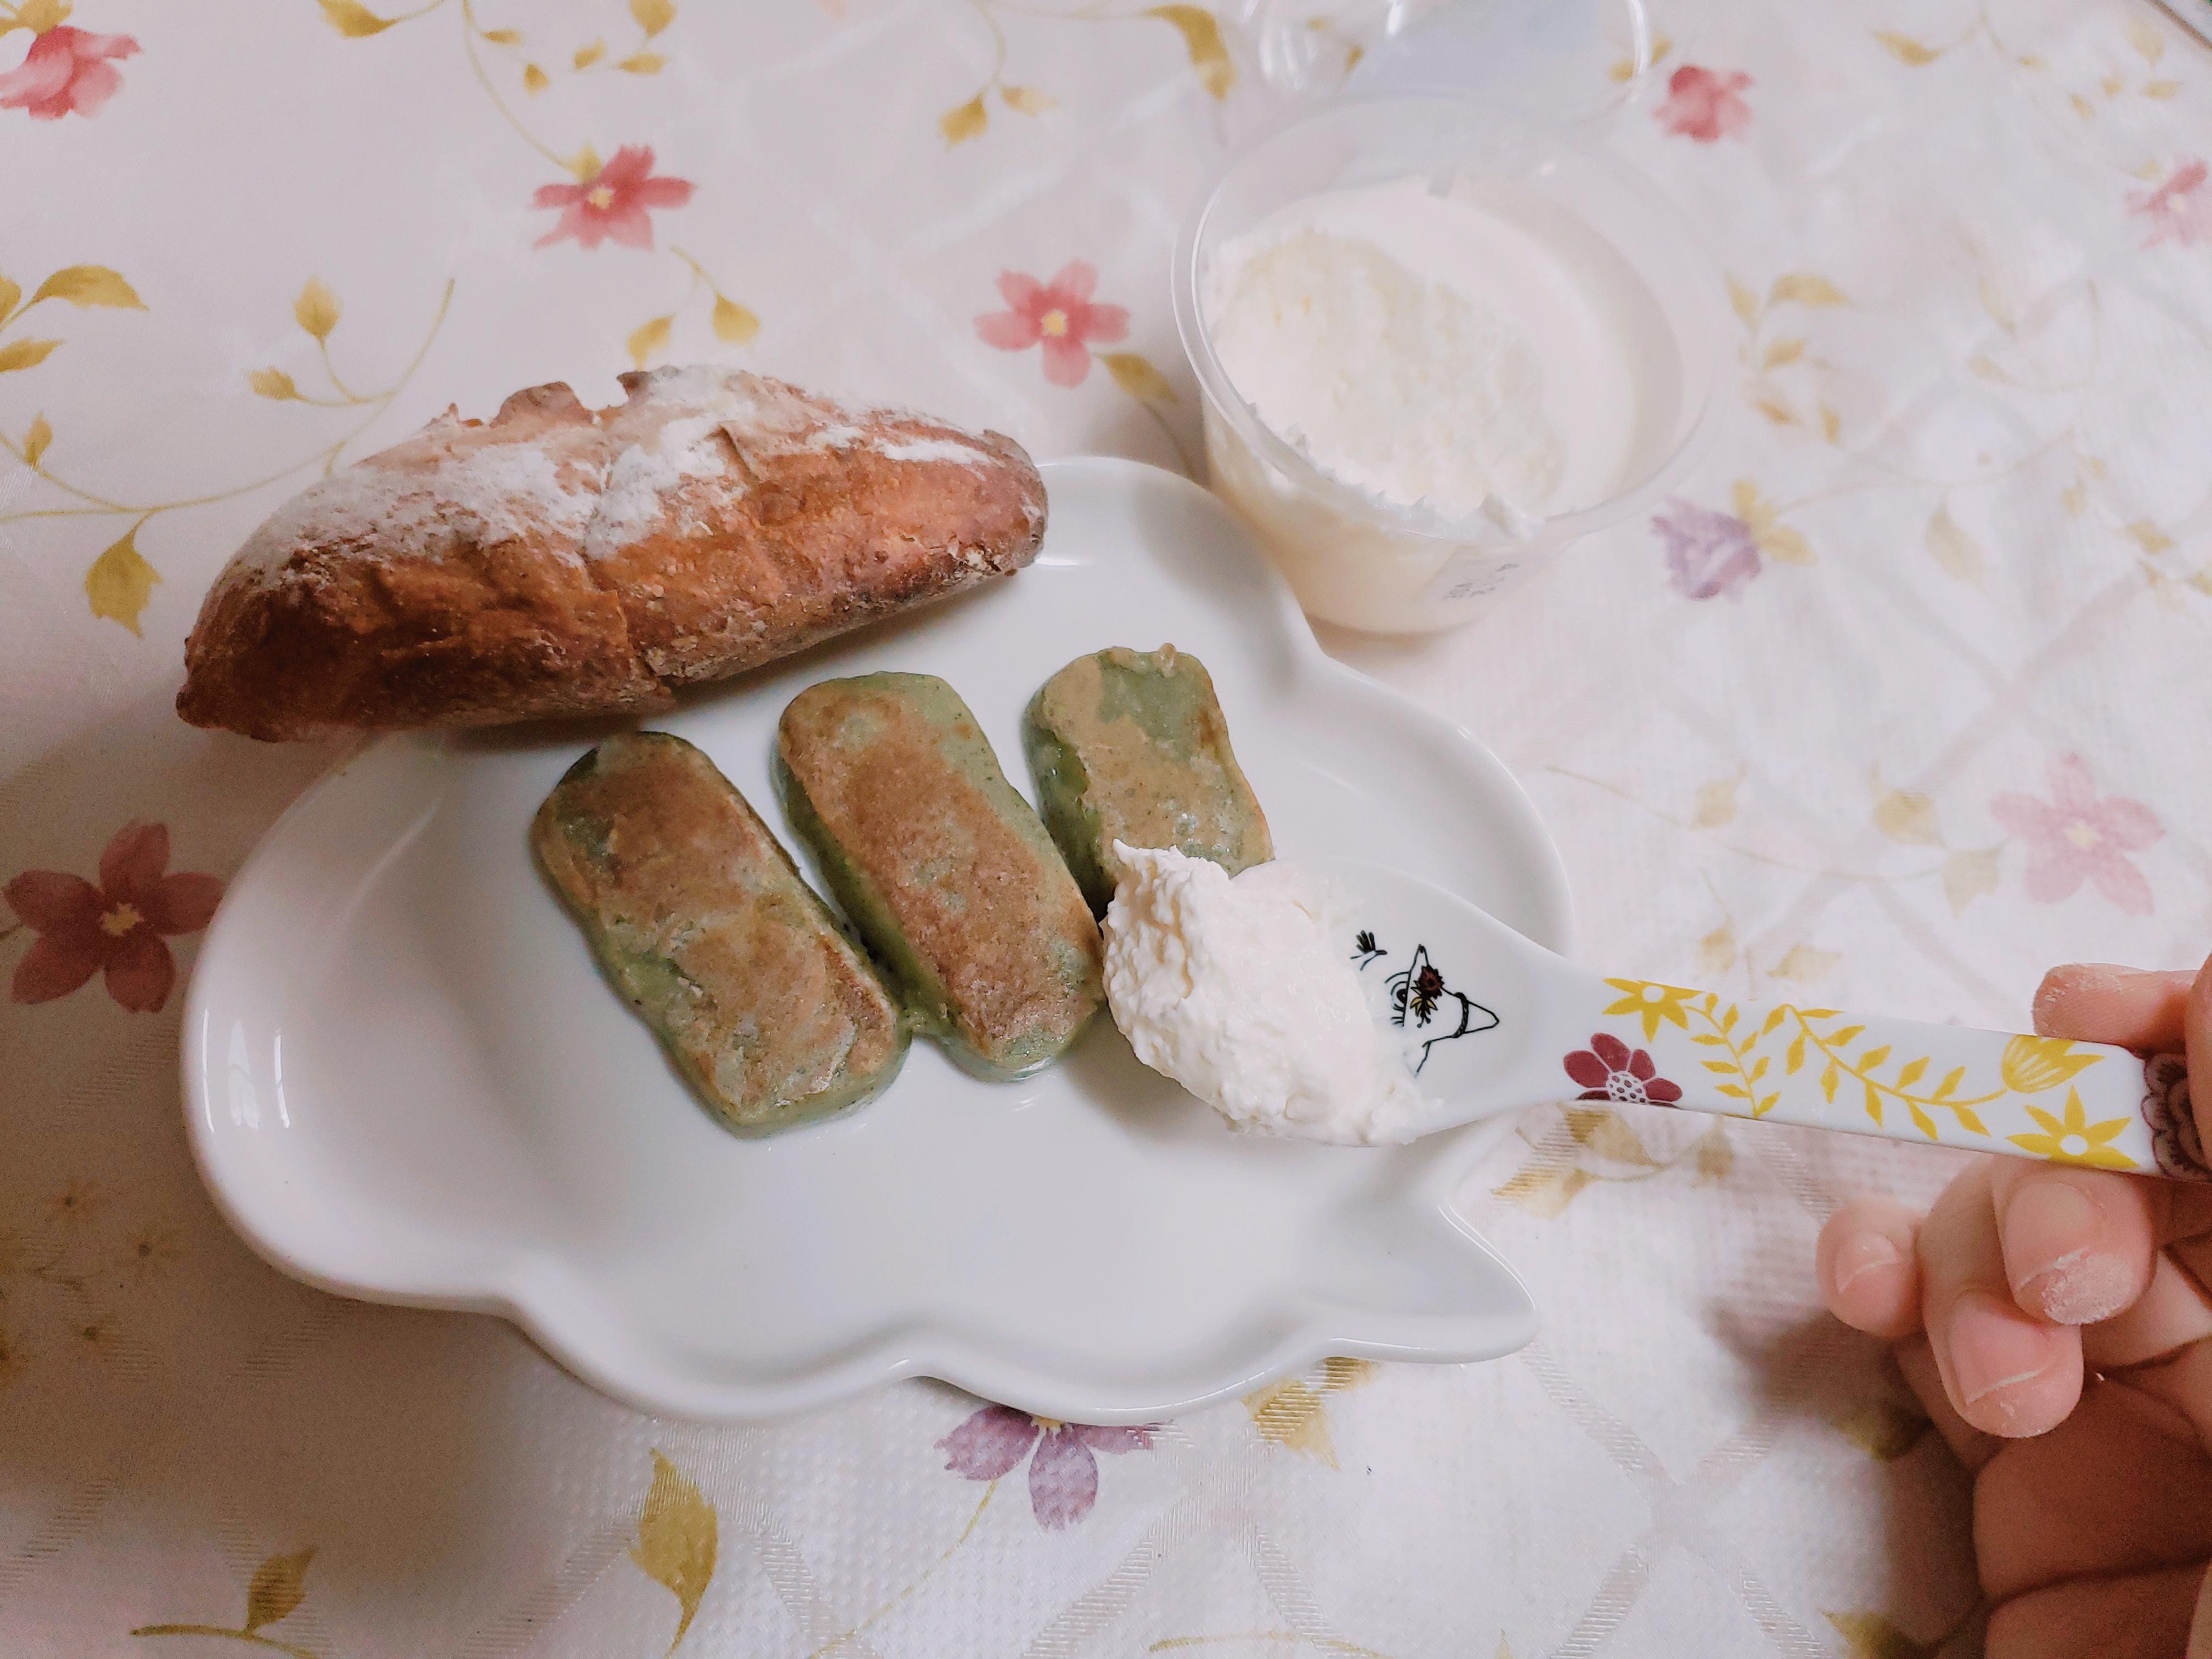 【ローソン】プレミアムロールケーキのクリーム食べました。